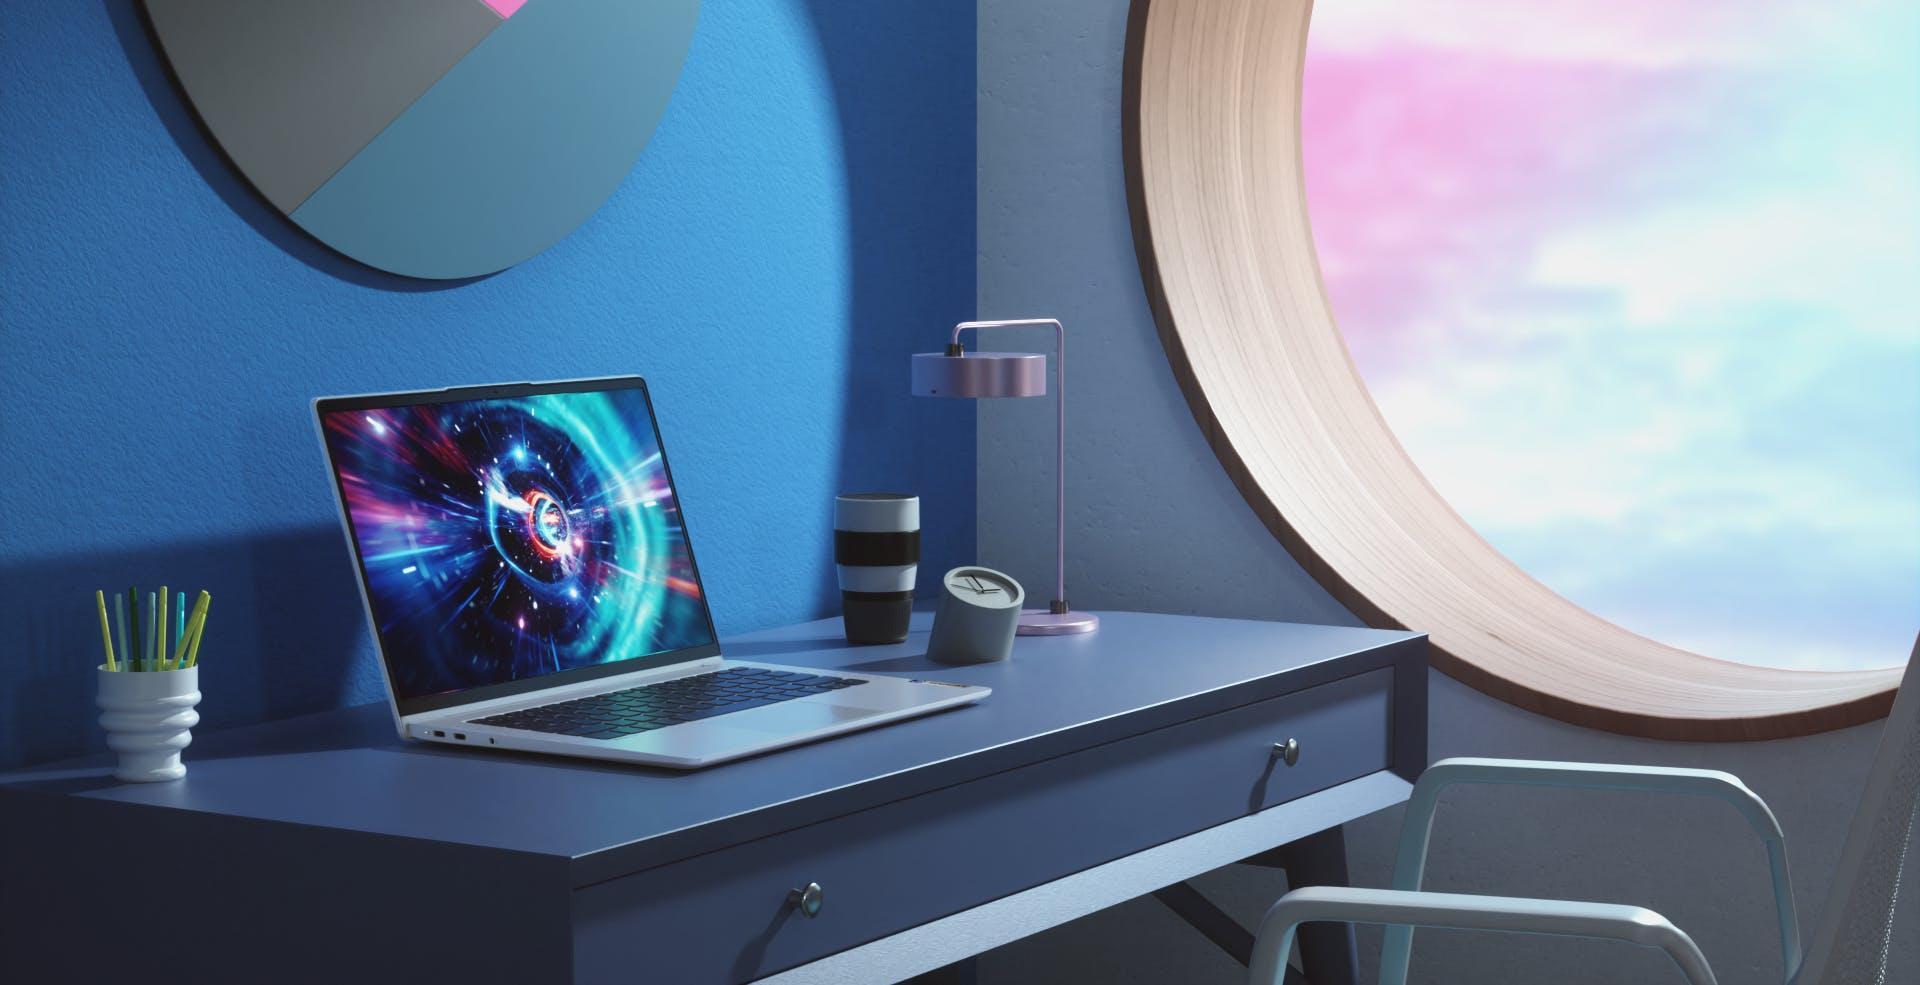 Il nuovo PC all in one di Lenovo ha uno schermo ruotabile